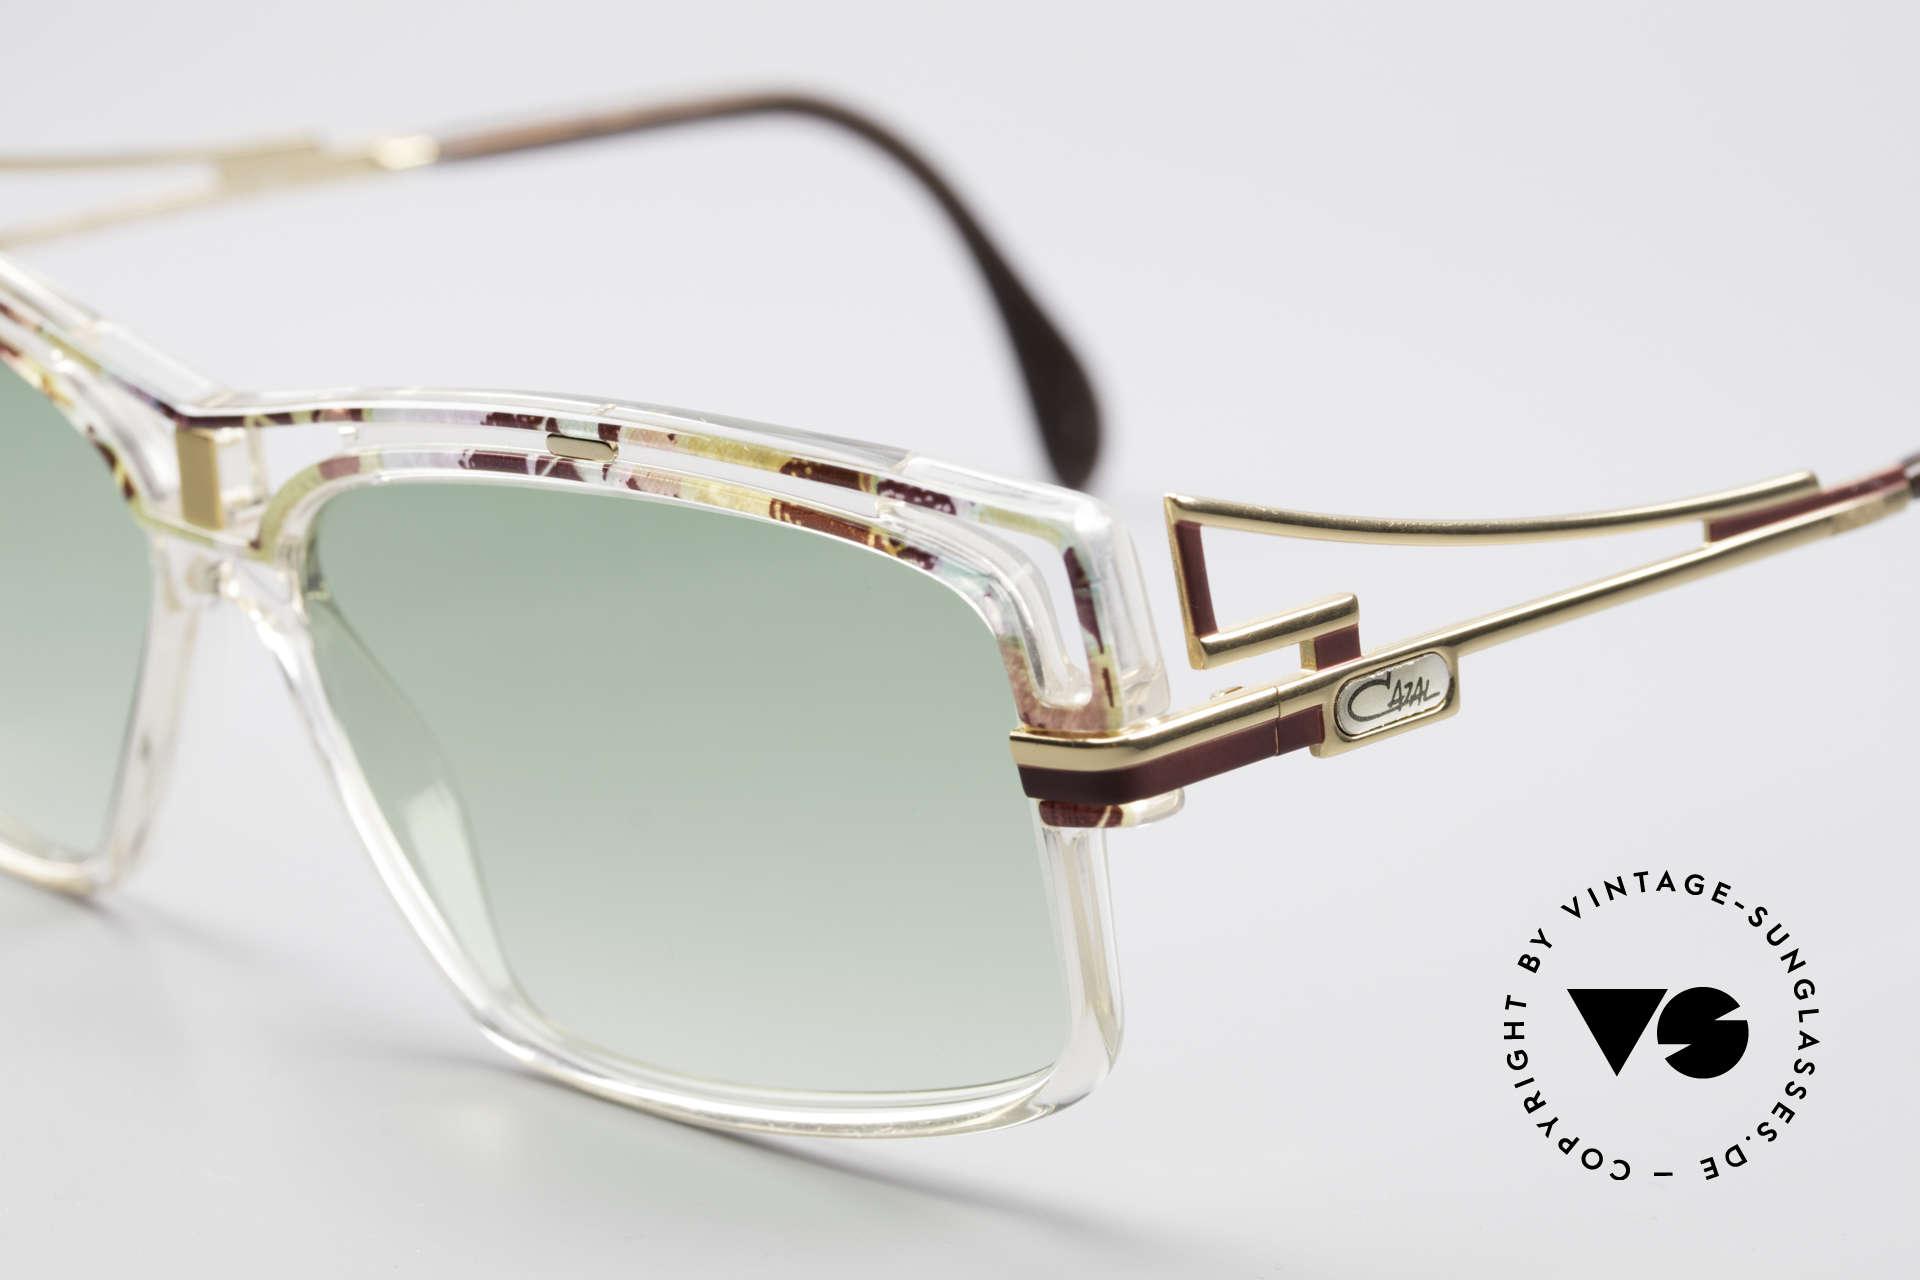 Cazal 365 No Retro 90er Hip Hop Brille, markanter ausdrucksstarker Rahmen, Hip-Hop Brille, Passend für Herren und Damen